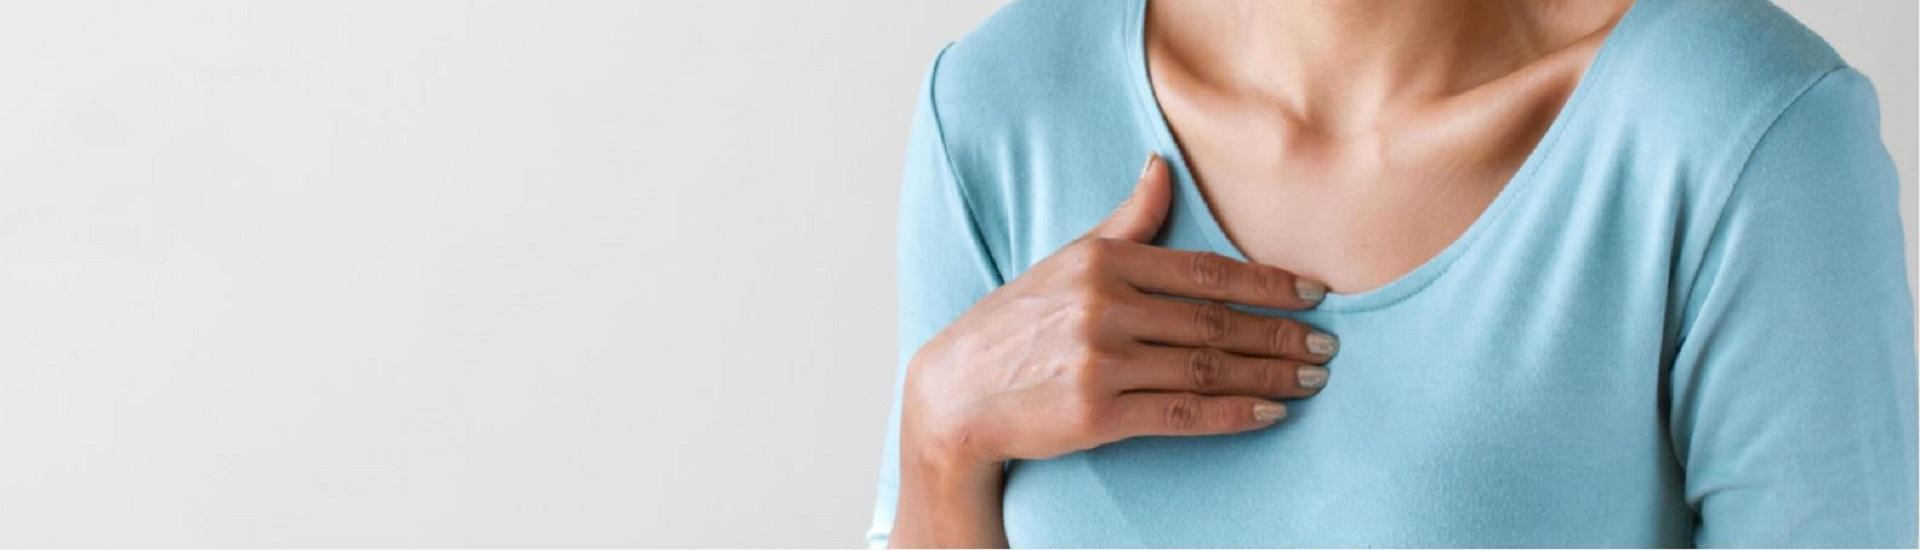 dolor de pecho y espalda mayores problemas